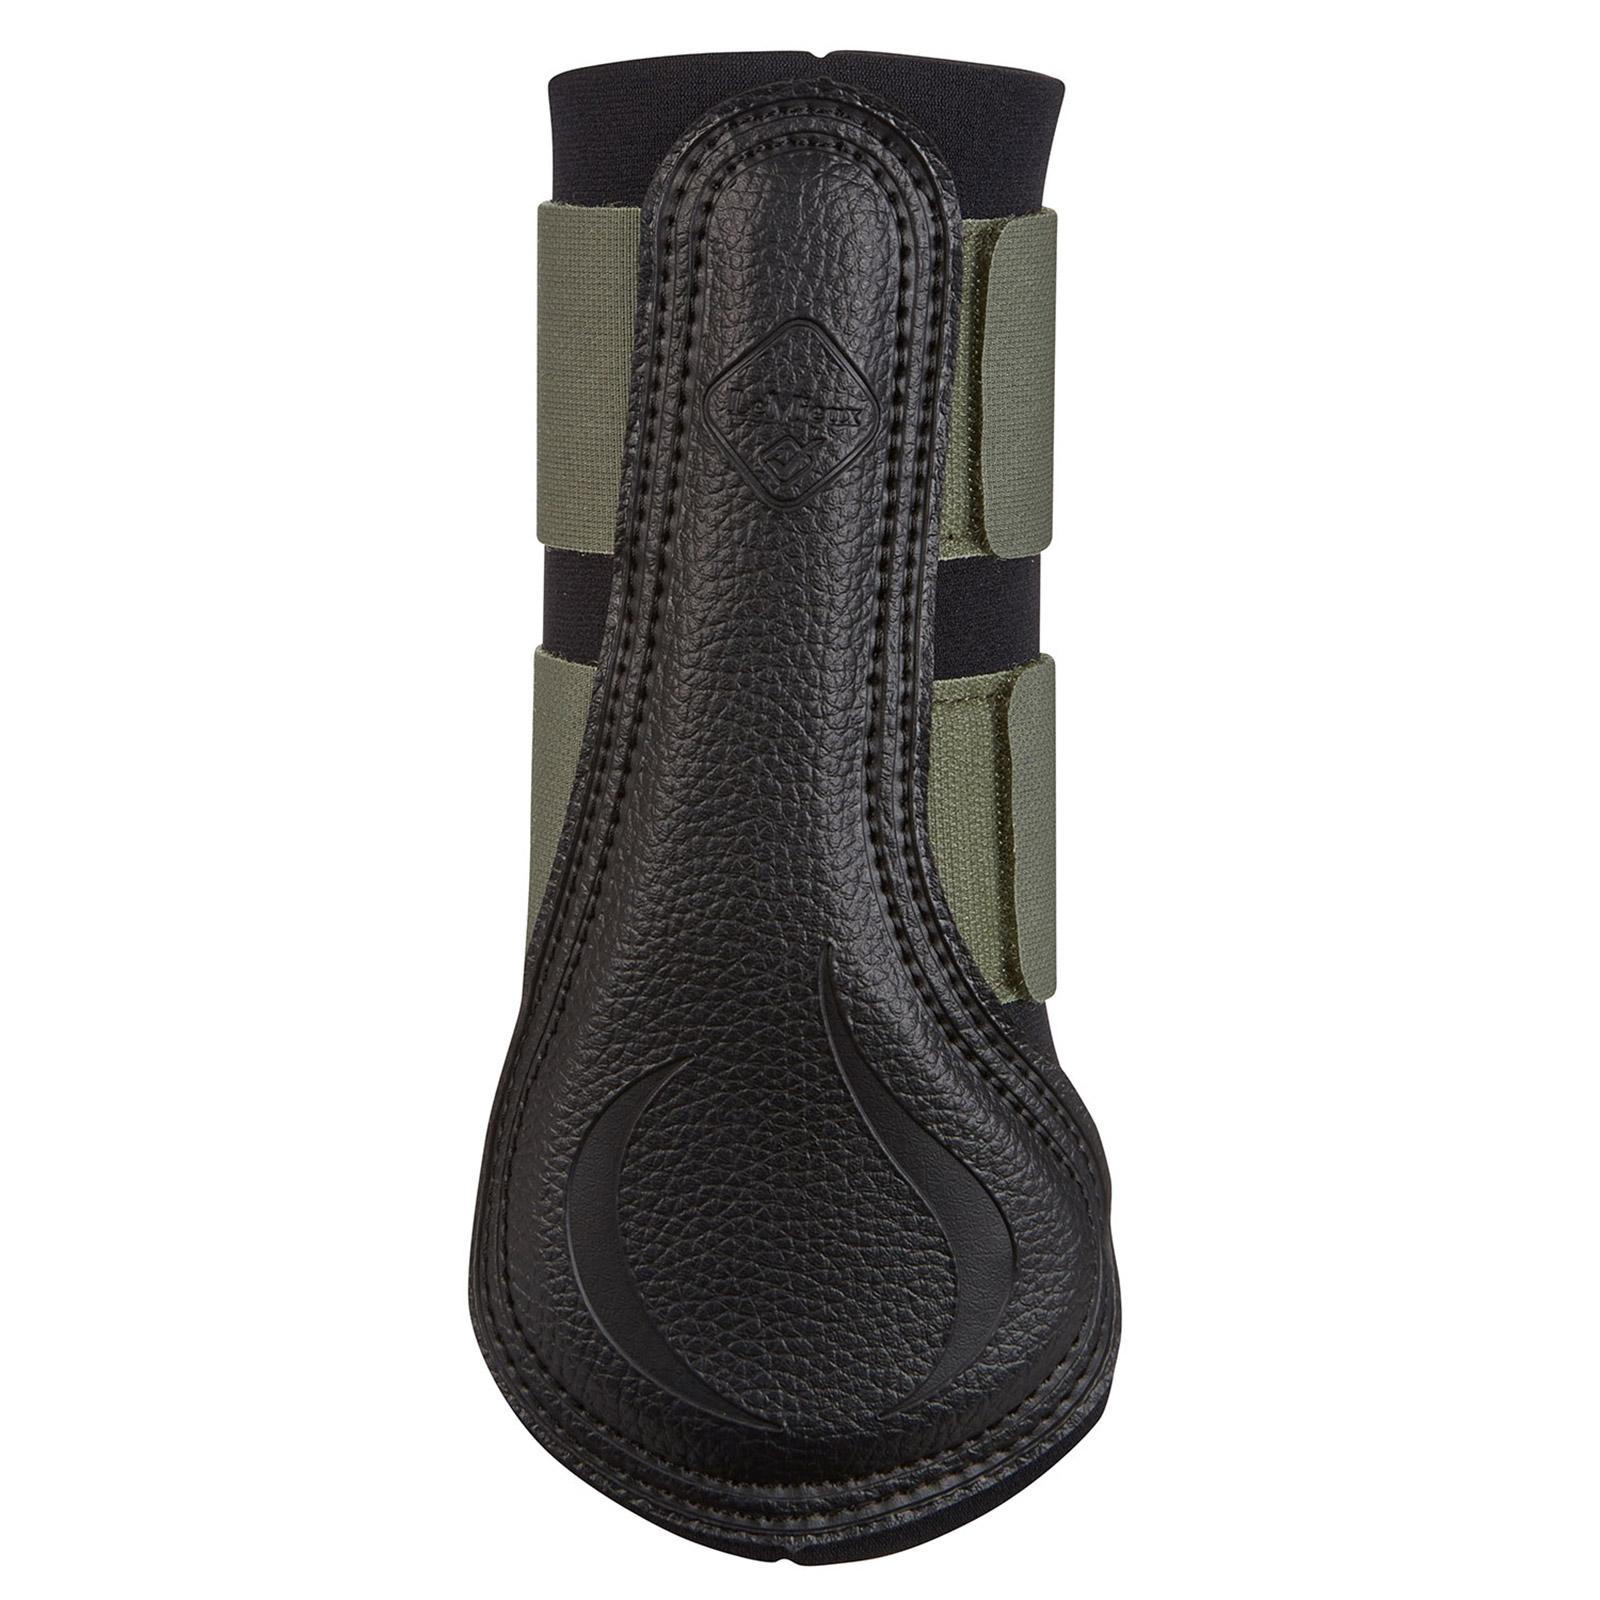 LEMIEUX-PROSPORT-Grafter-Brossage-Bottes-Leger-Protection miniature 31